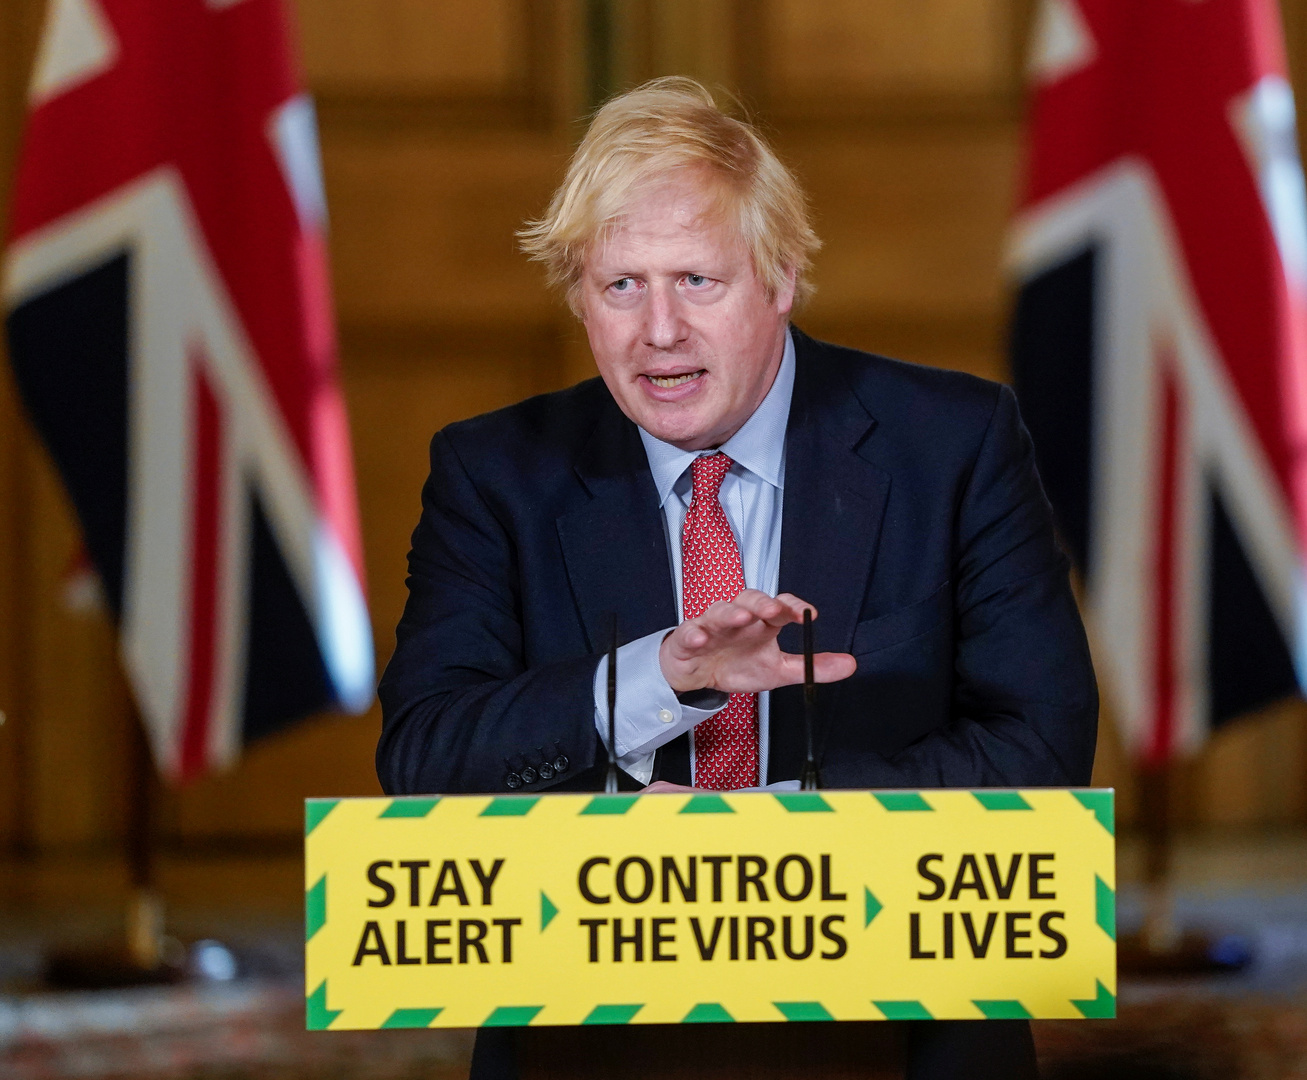 جونسون يهدد بمنح ملايين من سكان هونغ كونغ جوازات سفر بريطانية إذا فرضت الصين قانونها